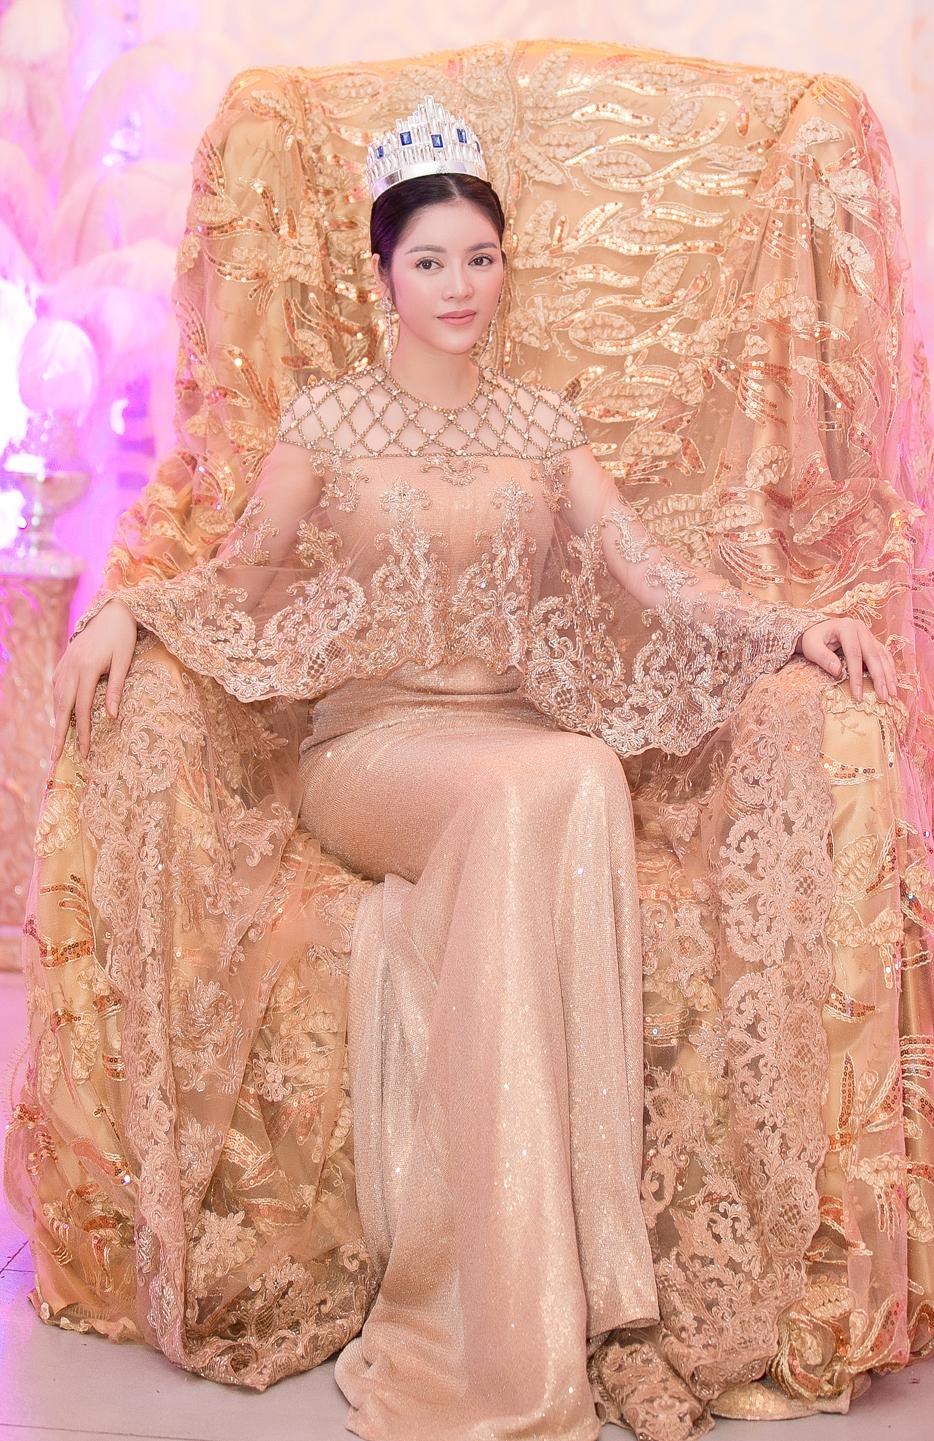 Toàn cảnh lễ sắc phong công chúa châu Á bộ tộc Mindanao của Lý Nhã Kỳ 14